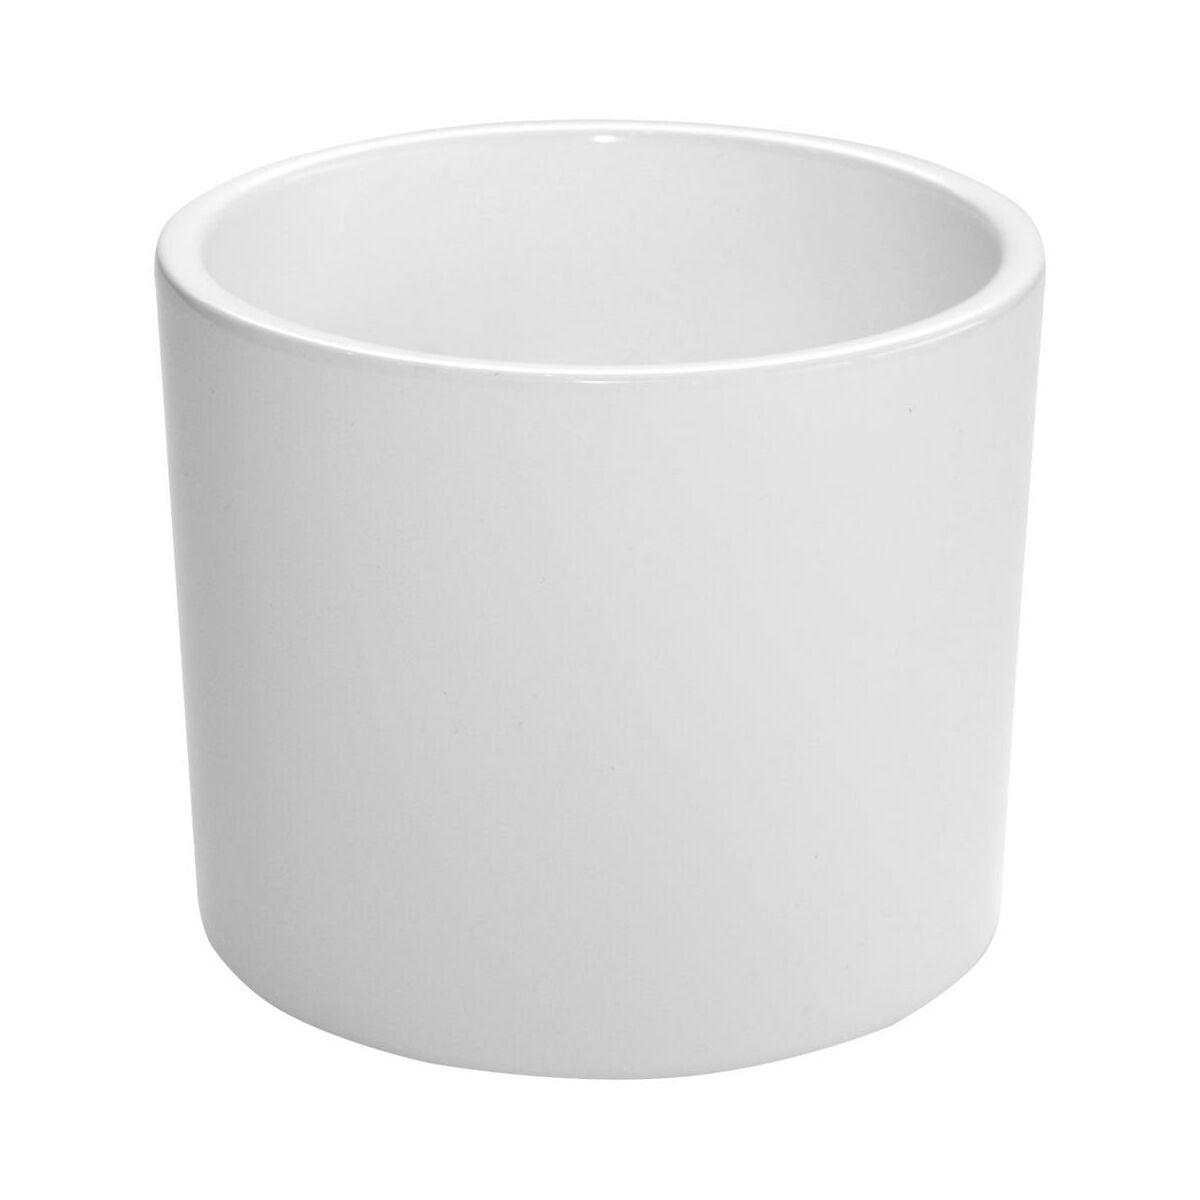 Osłonka Ceramiczna 15 Cm Biała Walec Ceramik